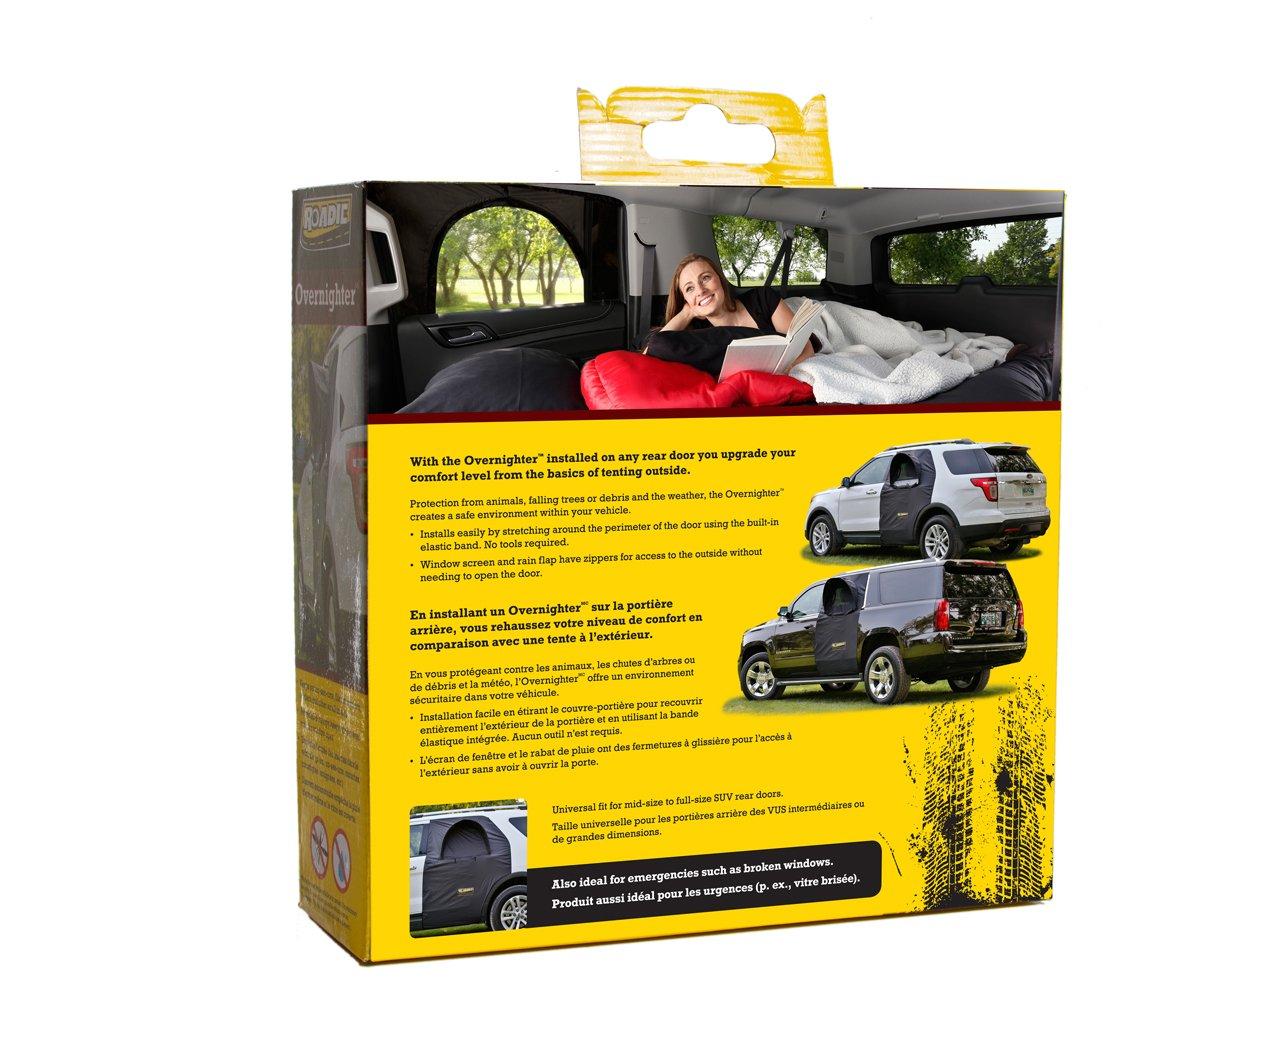 Roadie Packaging Back design by Dynamite Design